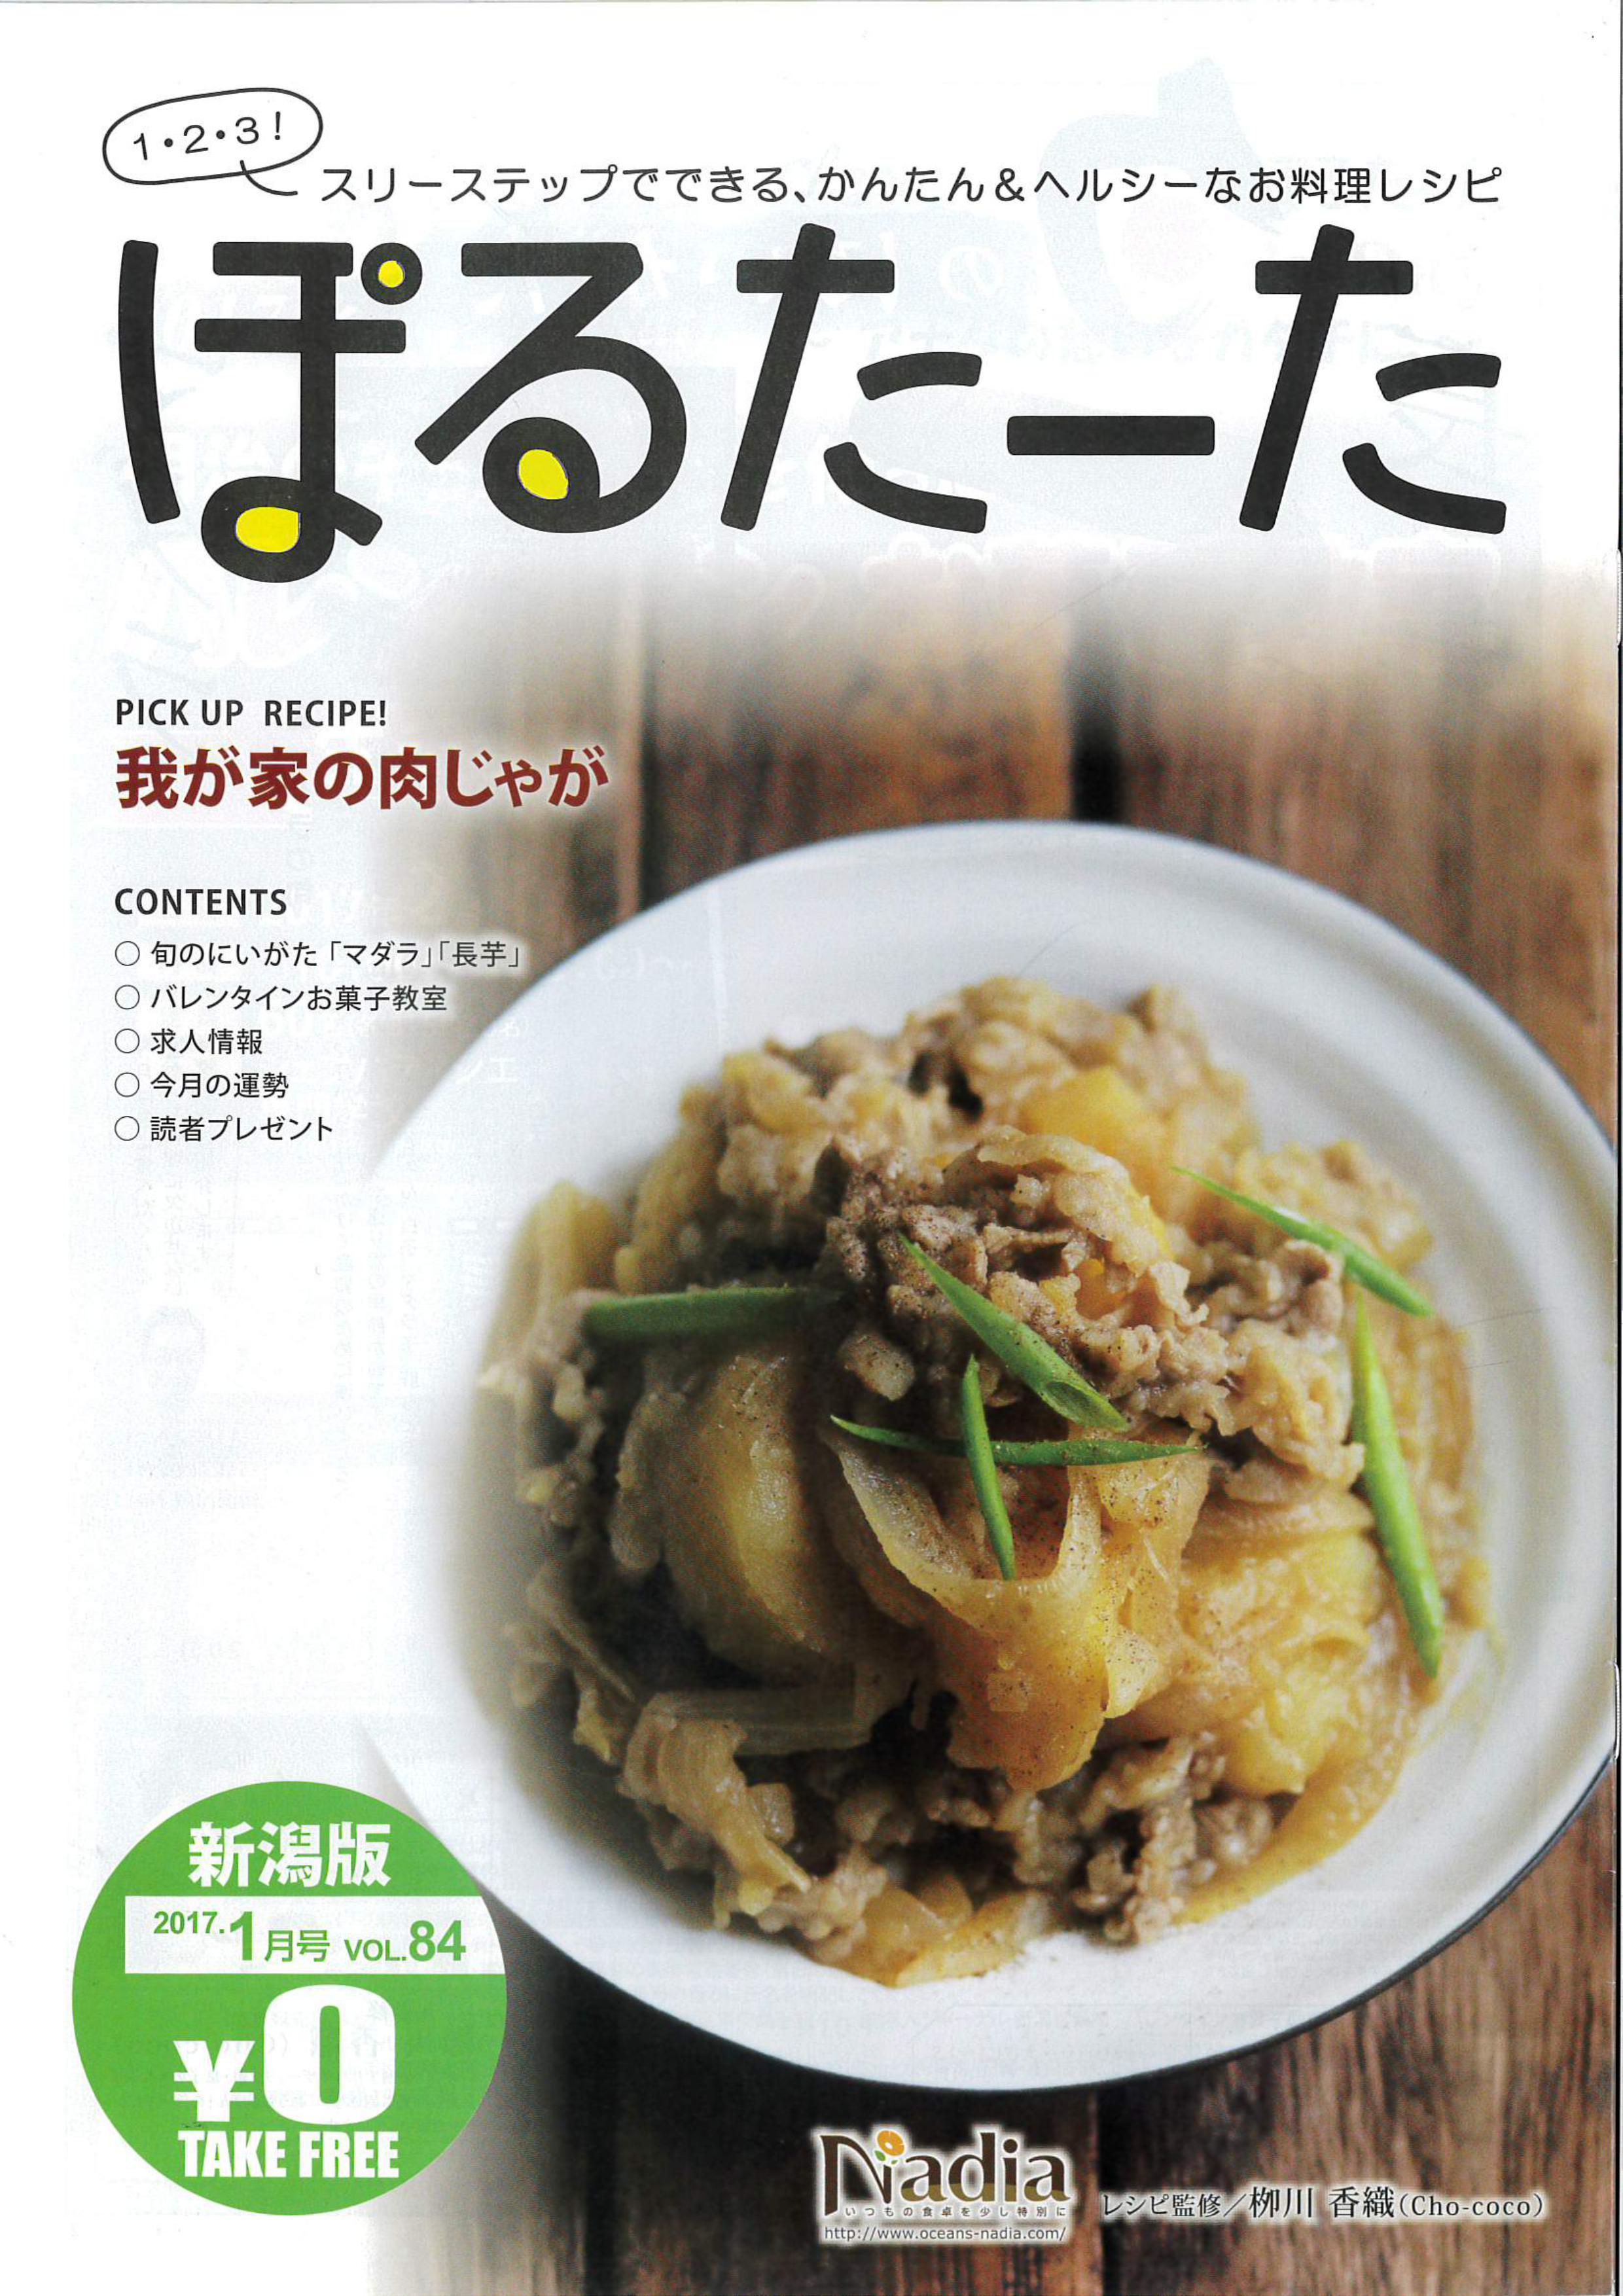 栁川かおり:フリーペーパー「ぽるたーたVOL.84(1月号)」にレシピが掲載されました!